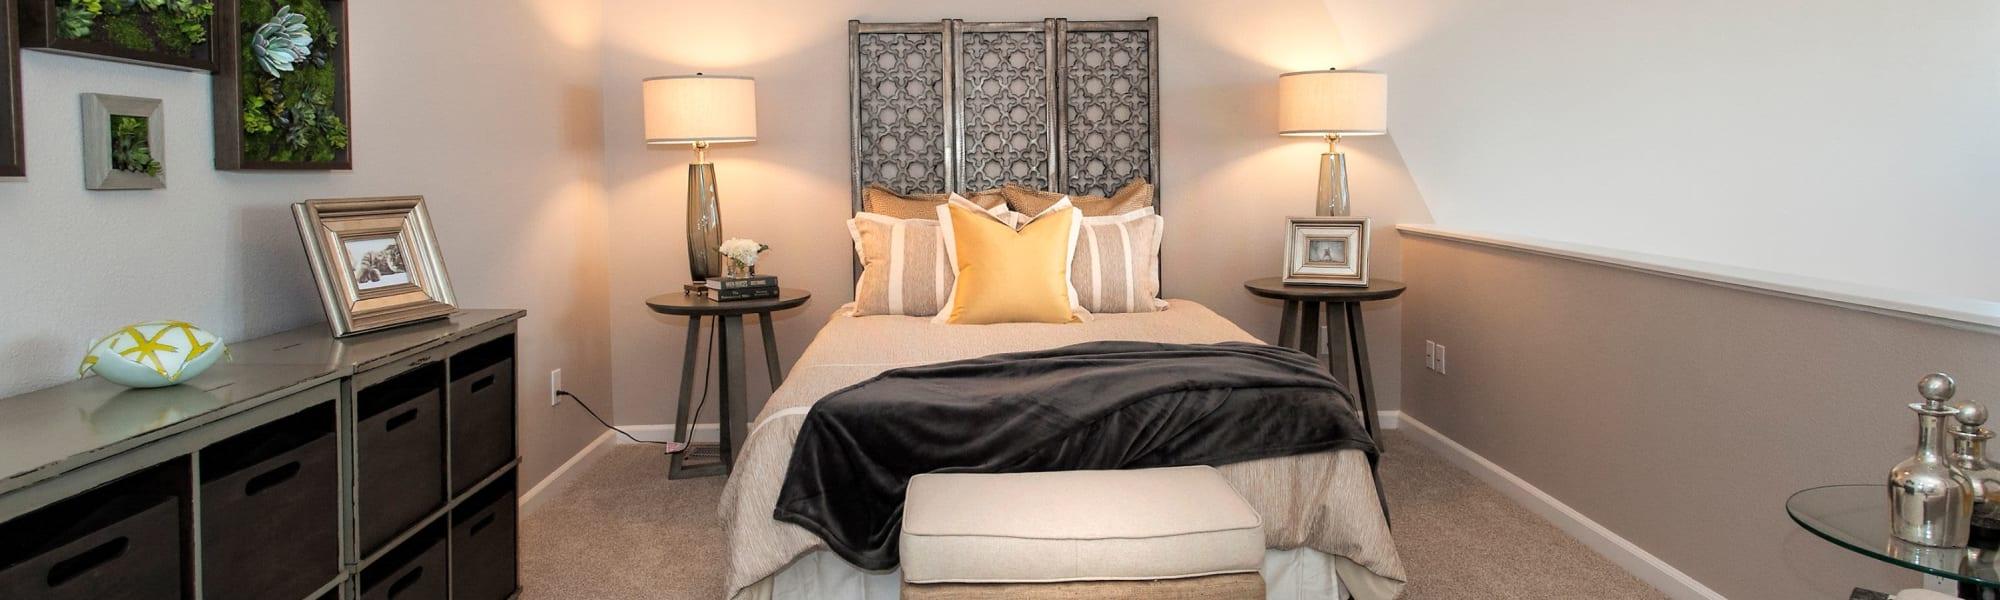 Floor plans at Venu at Galleria Condominium Rentals in Roseville, California